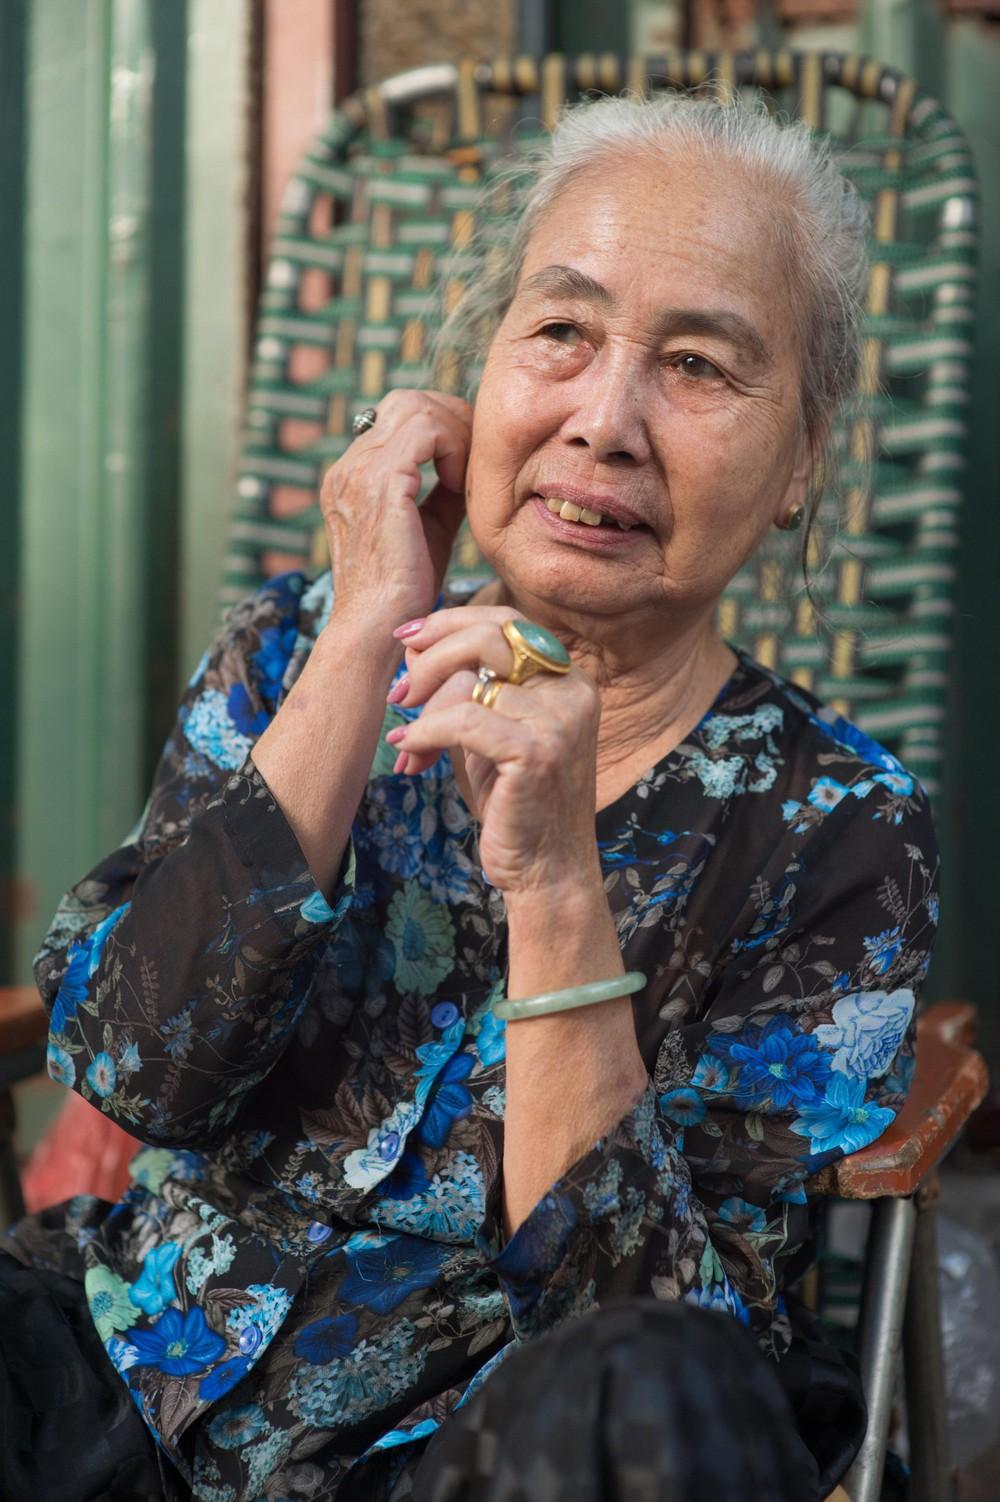 Triết lý sung sướng phụ nữ hiện đại nào cũng phải học từ cụ bà 81 tuổi bán hoa gói lá 70 năm ở góc chợ Đồng Xuân - Ảnh 15.